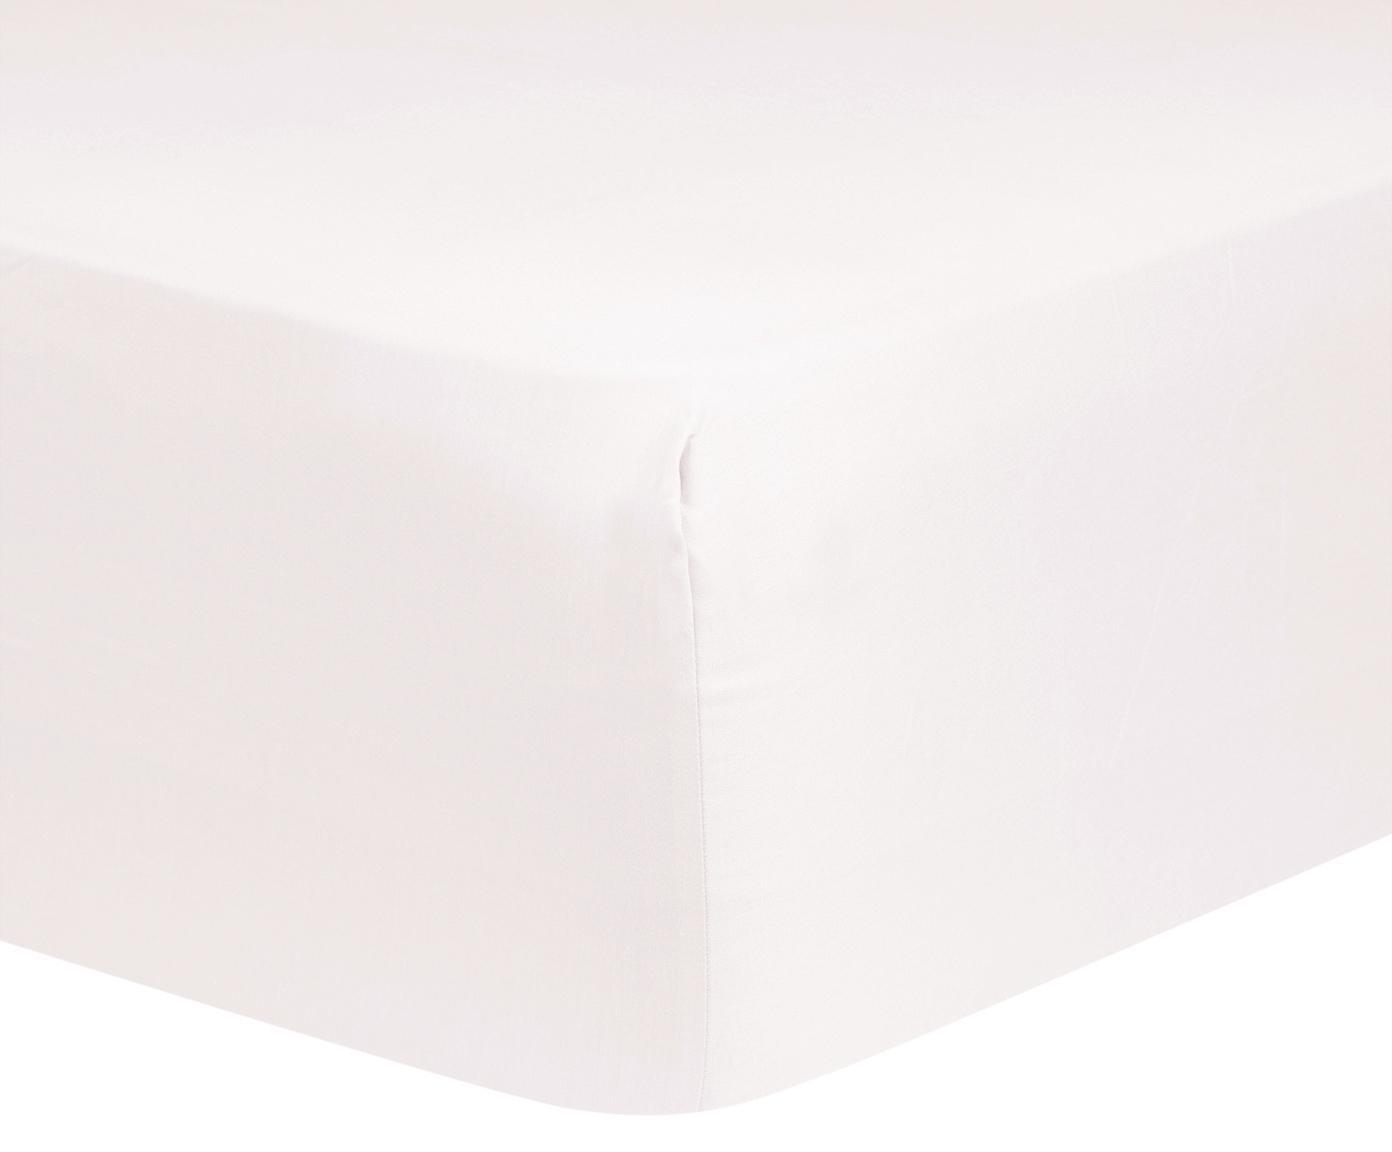 Prześcieradło z gumką z satyny bawełnianej Comfort, Blady różowy, S 180 x D 200 cm